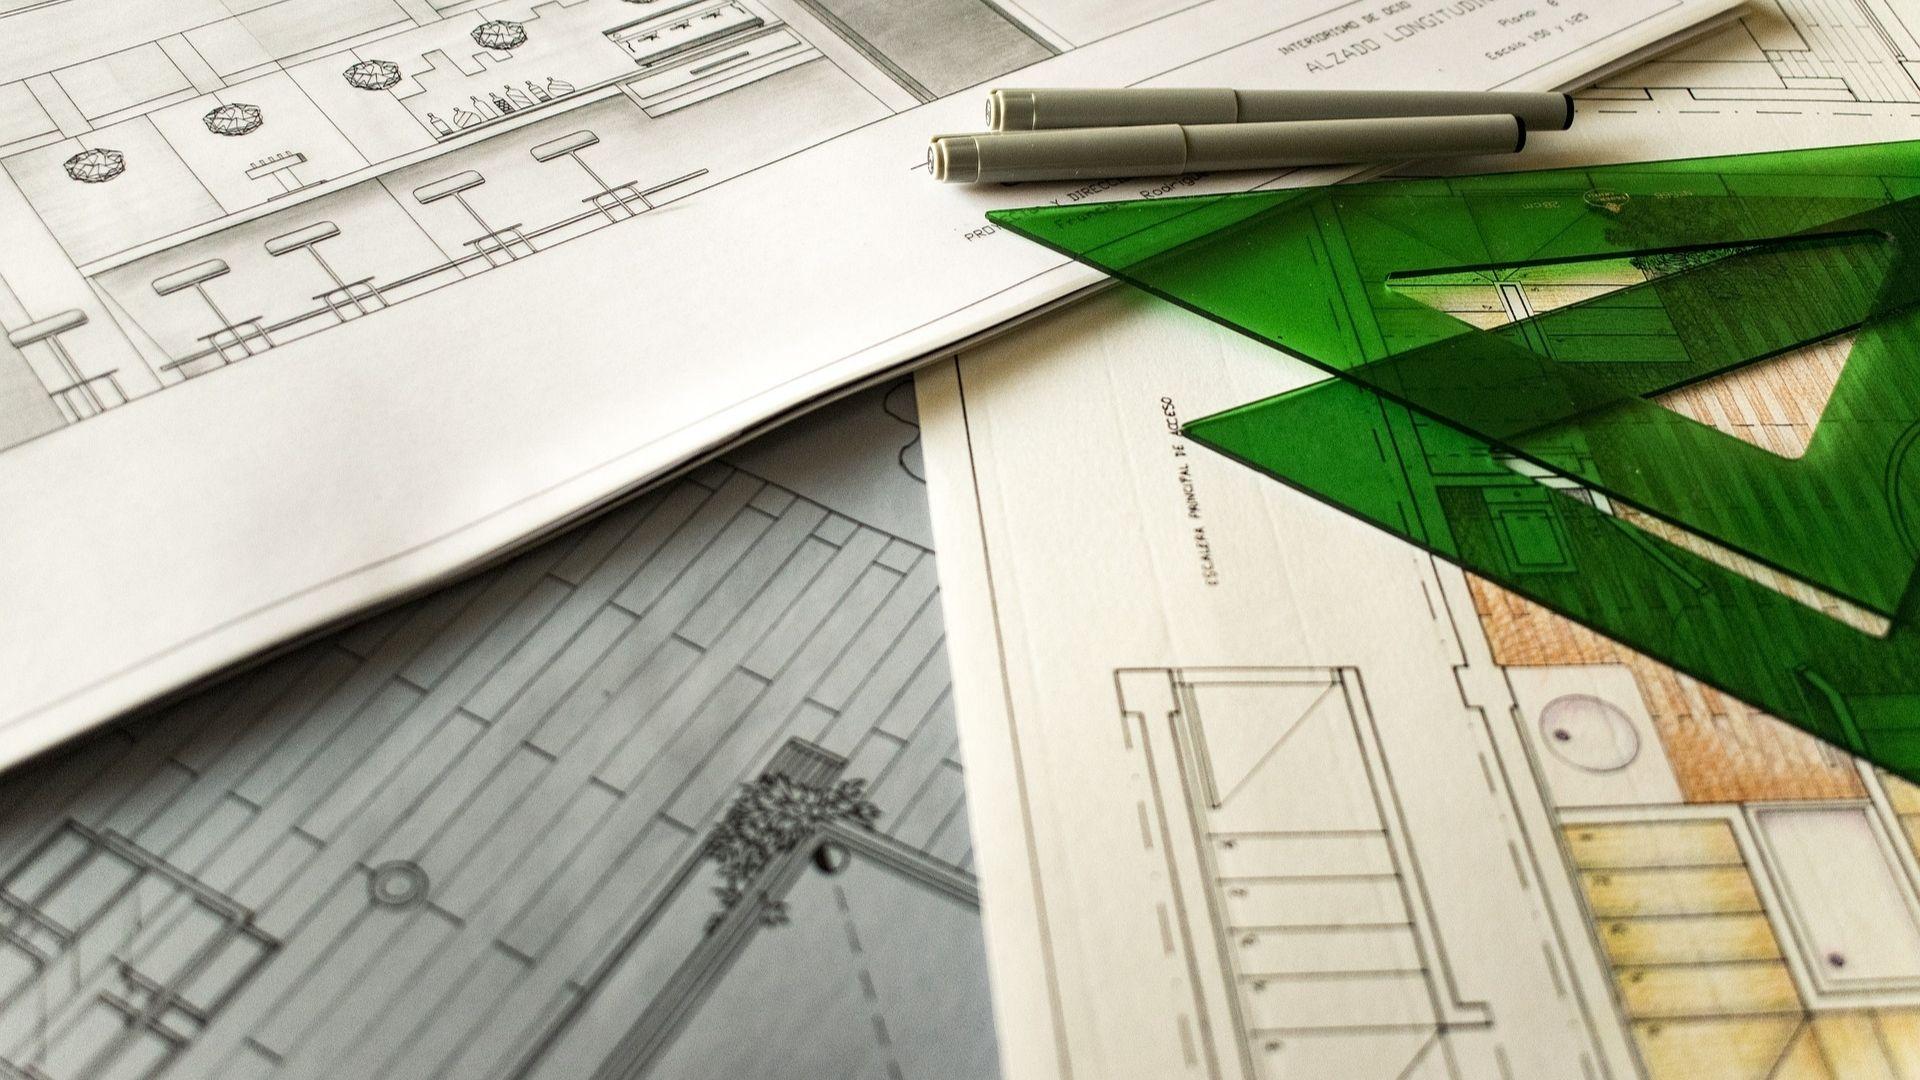 Nacrt za arhitekturu, ravnala i trokuti